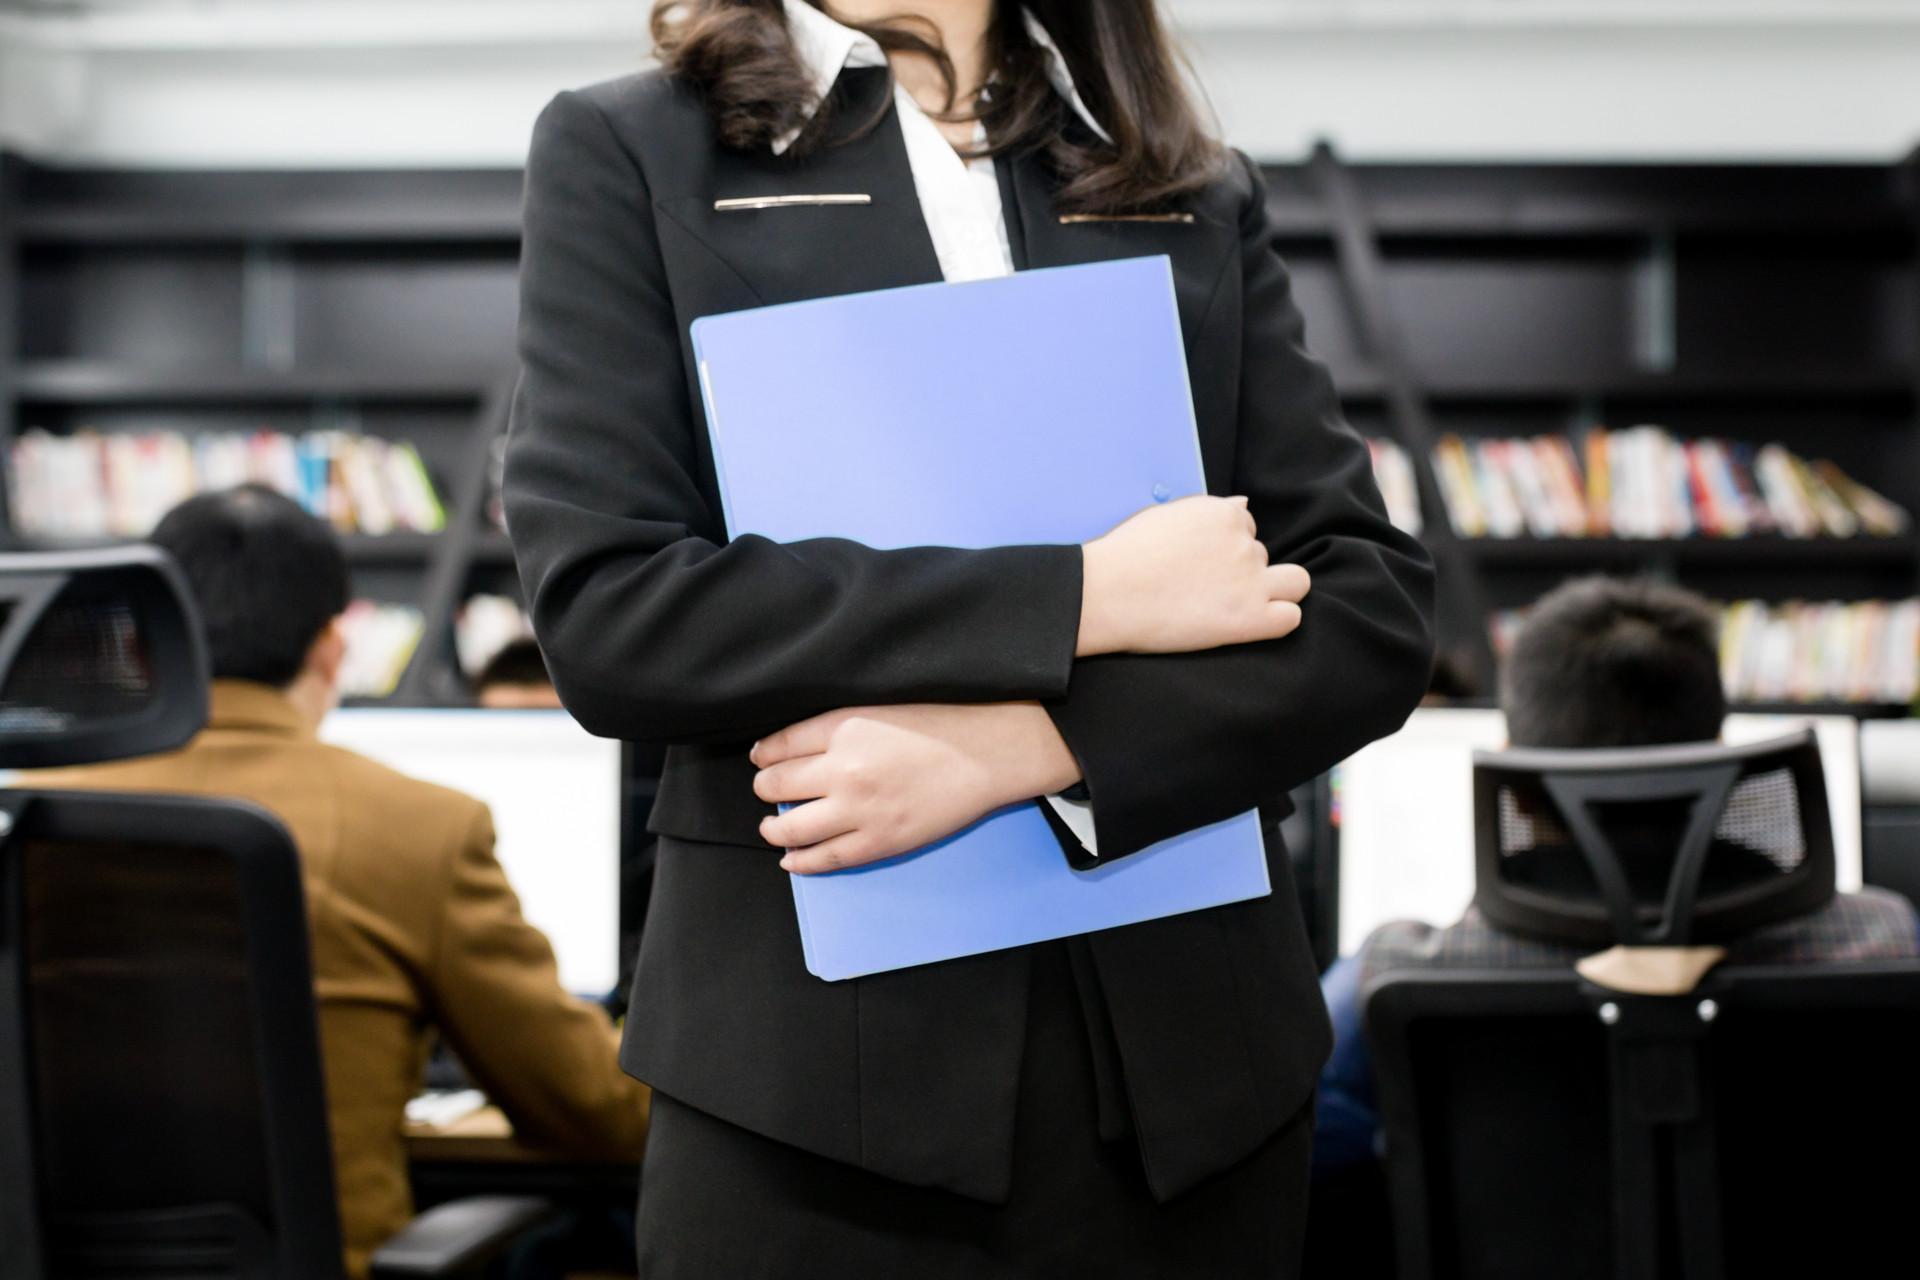 选择深圳社保代缴能够为员工带来什么福利?这几点很关键